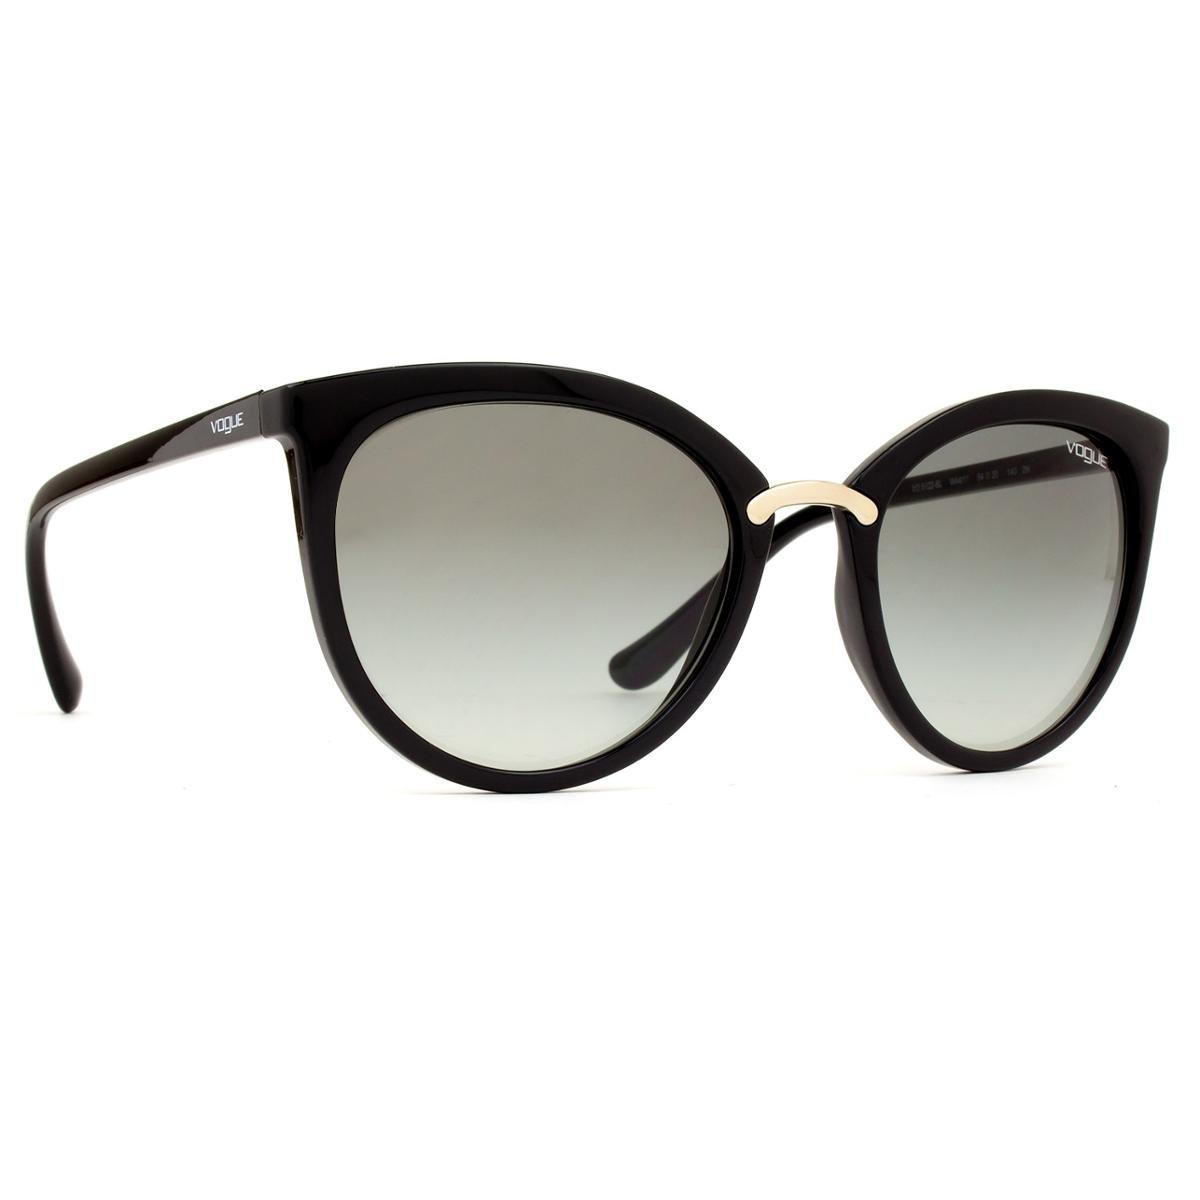 507aaa9a508bb Óculos de Sol Vogue Sweet Side VO5122SL W44 11-54 Feminino - Compre ...